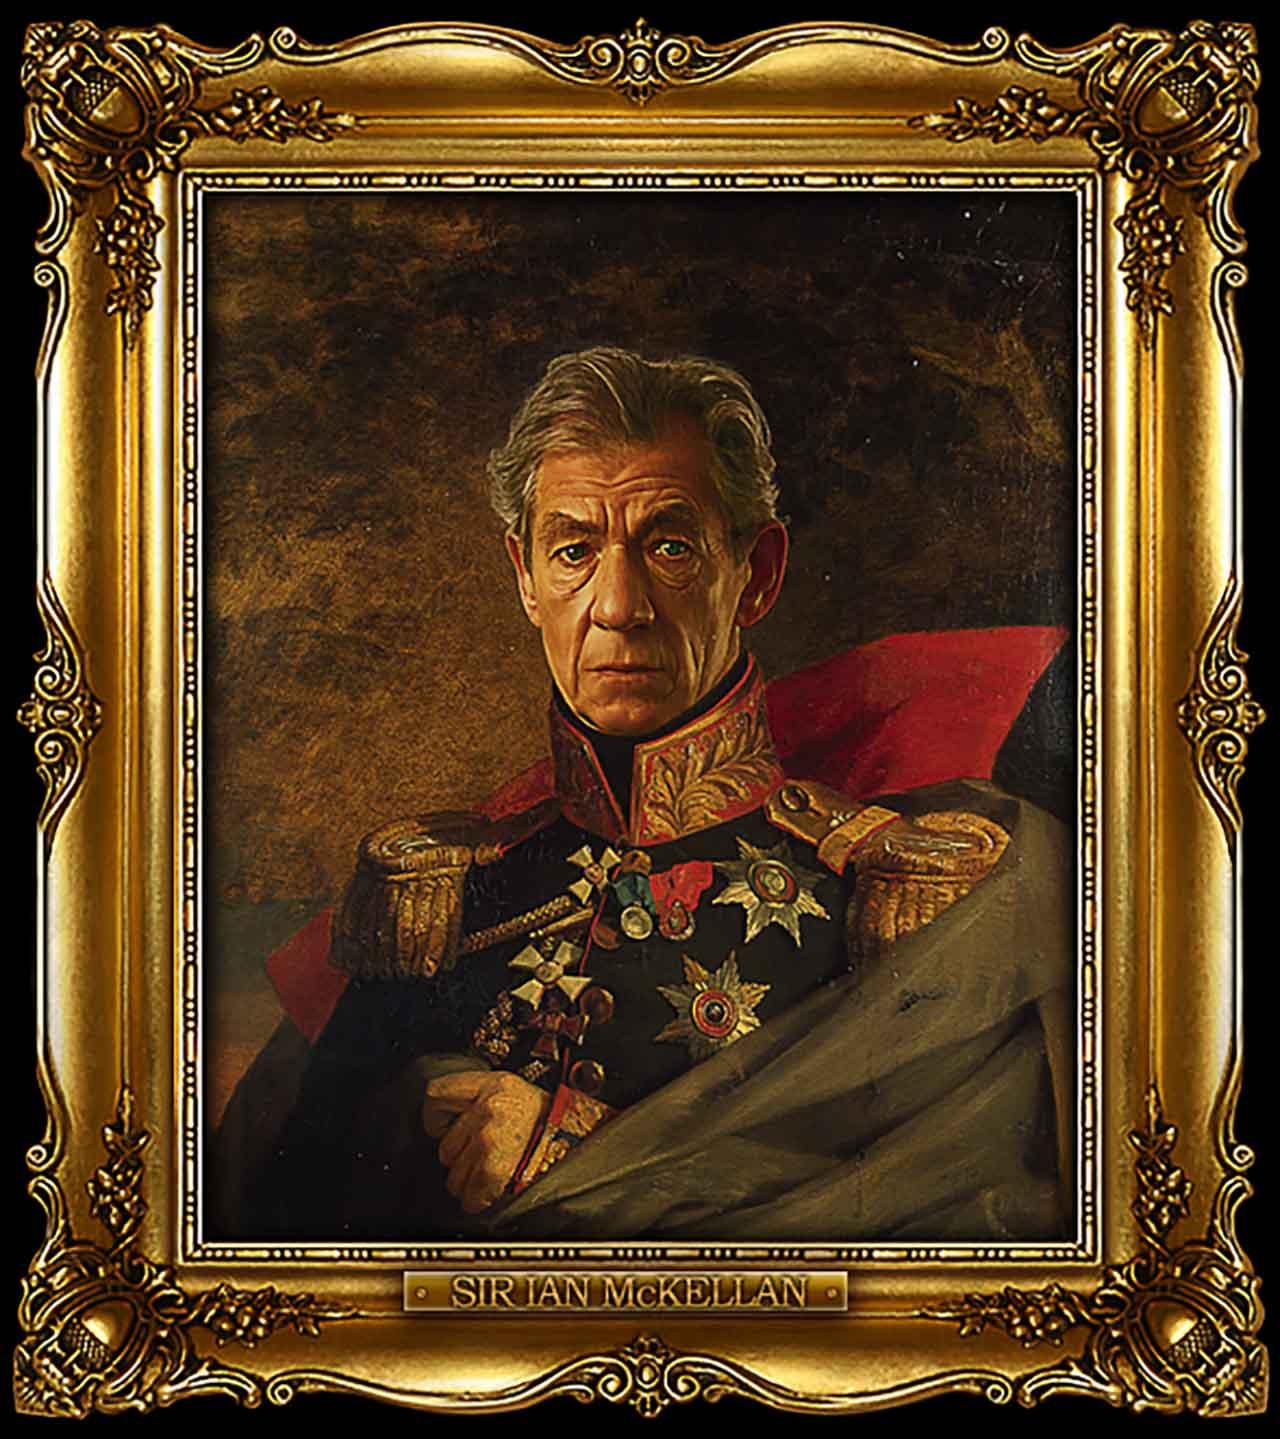 Artist Turns Famous Actors Into Russian Generals - Sir Ian McKellen